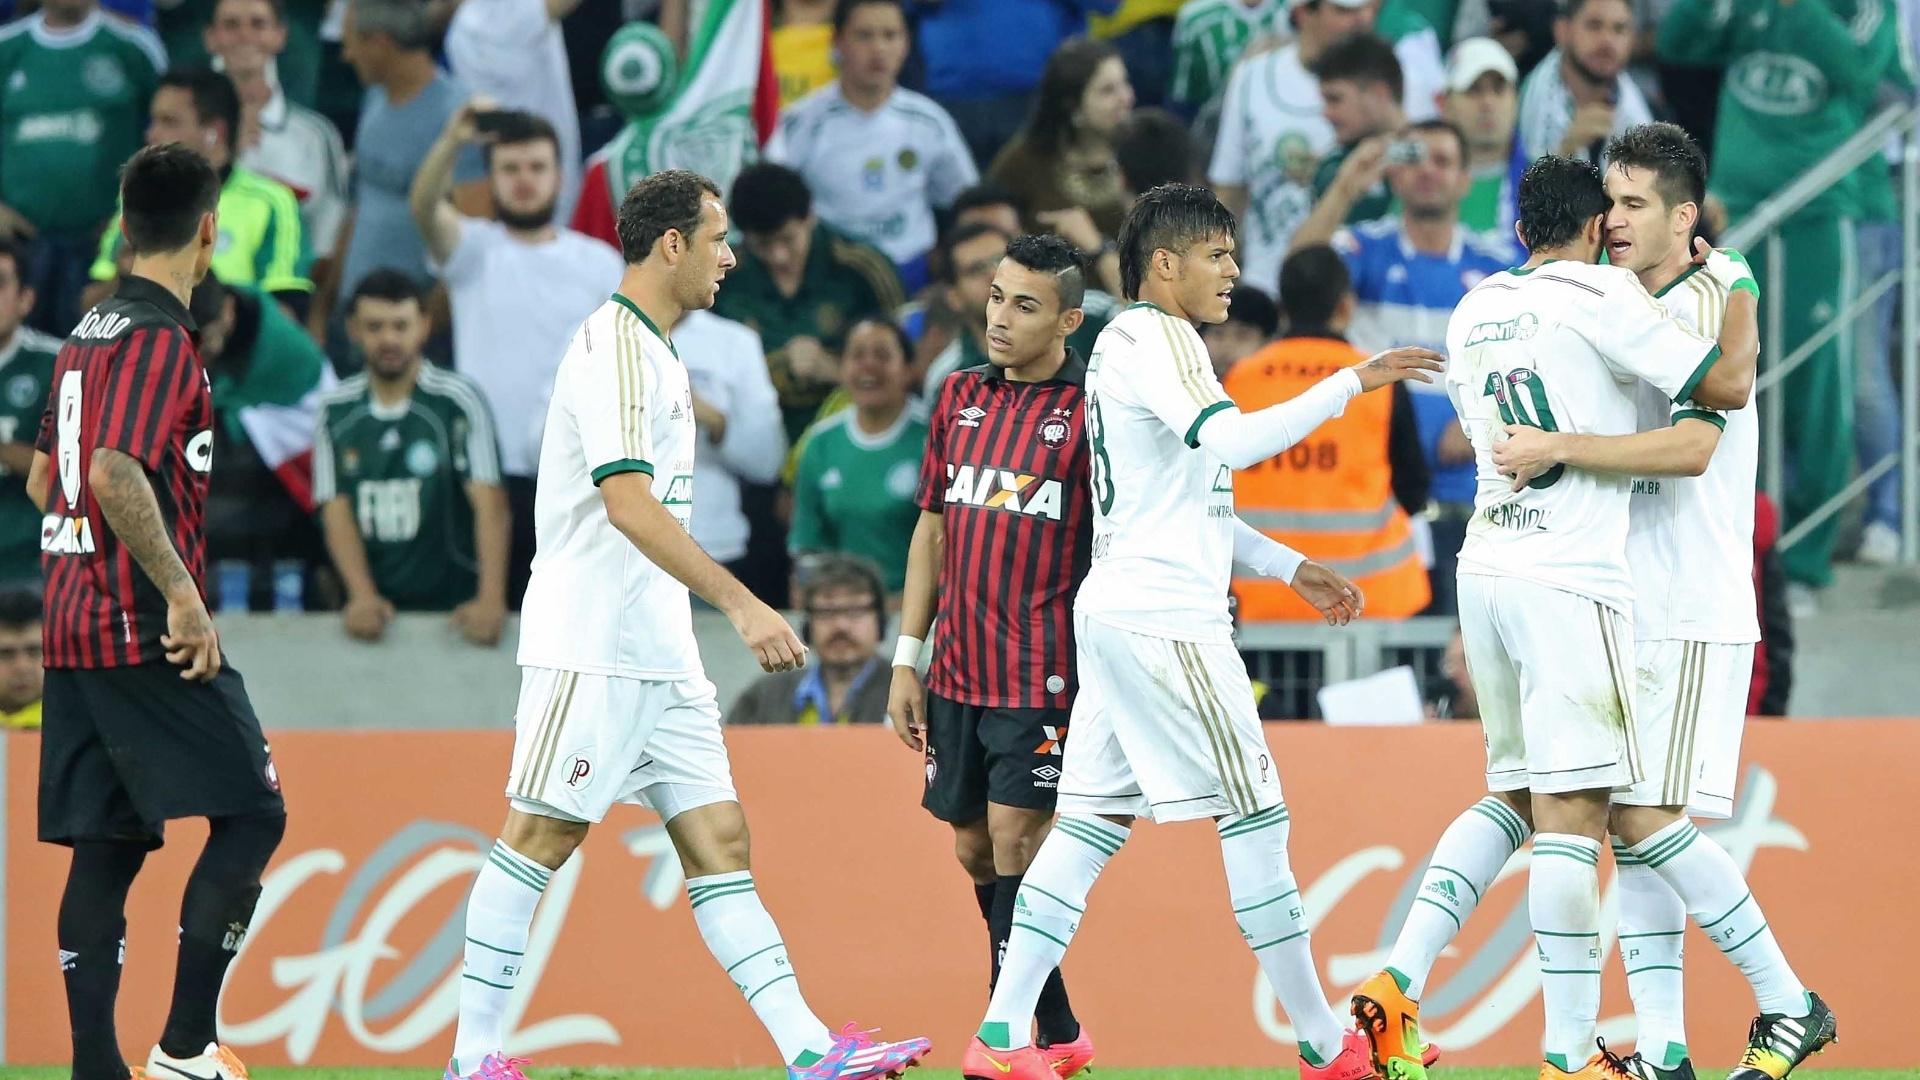 Jogadores do Palmeiras comemoram gol de Henrique contra o Atlético-PR